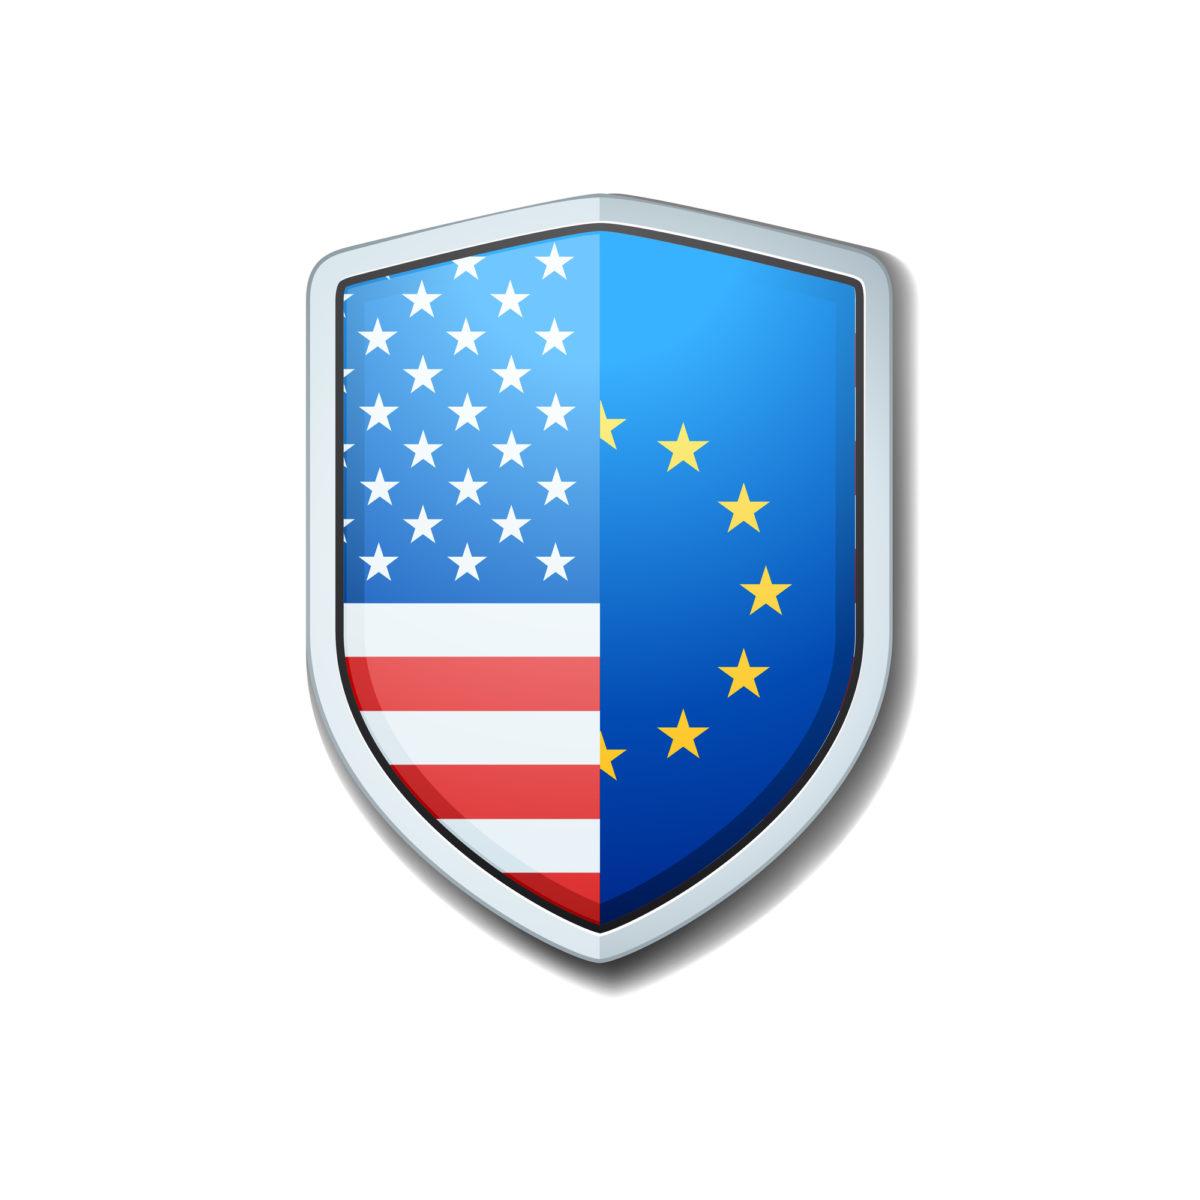 EU USA Privacy Shield